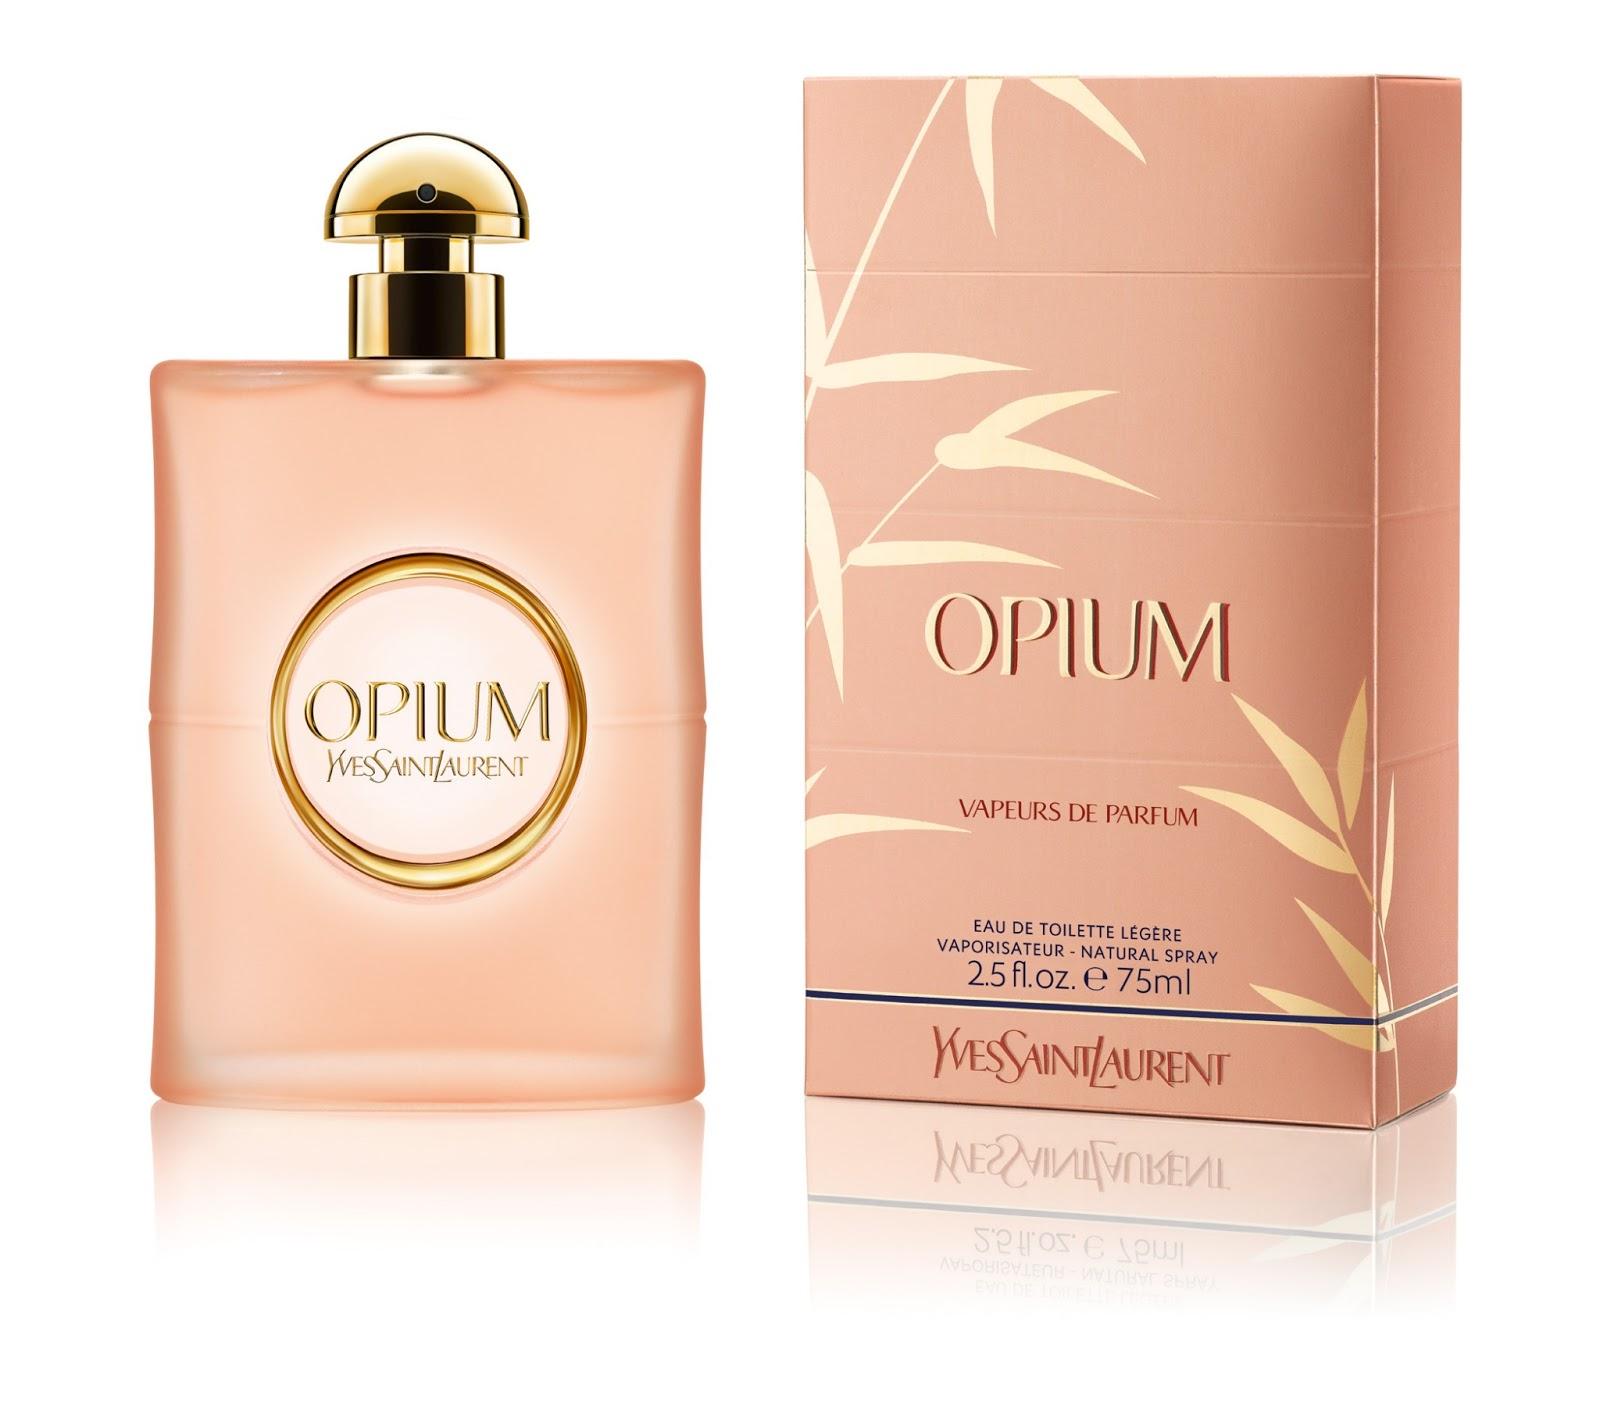 Vapeurs Yves Saint LaurentOpium De Woman1 Indonesia Parfum 3Aj5LR4